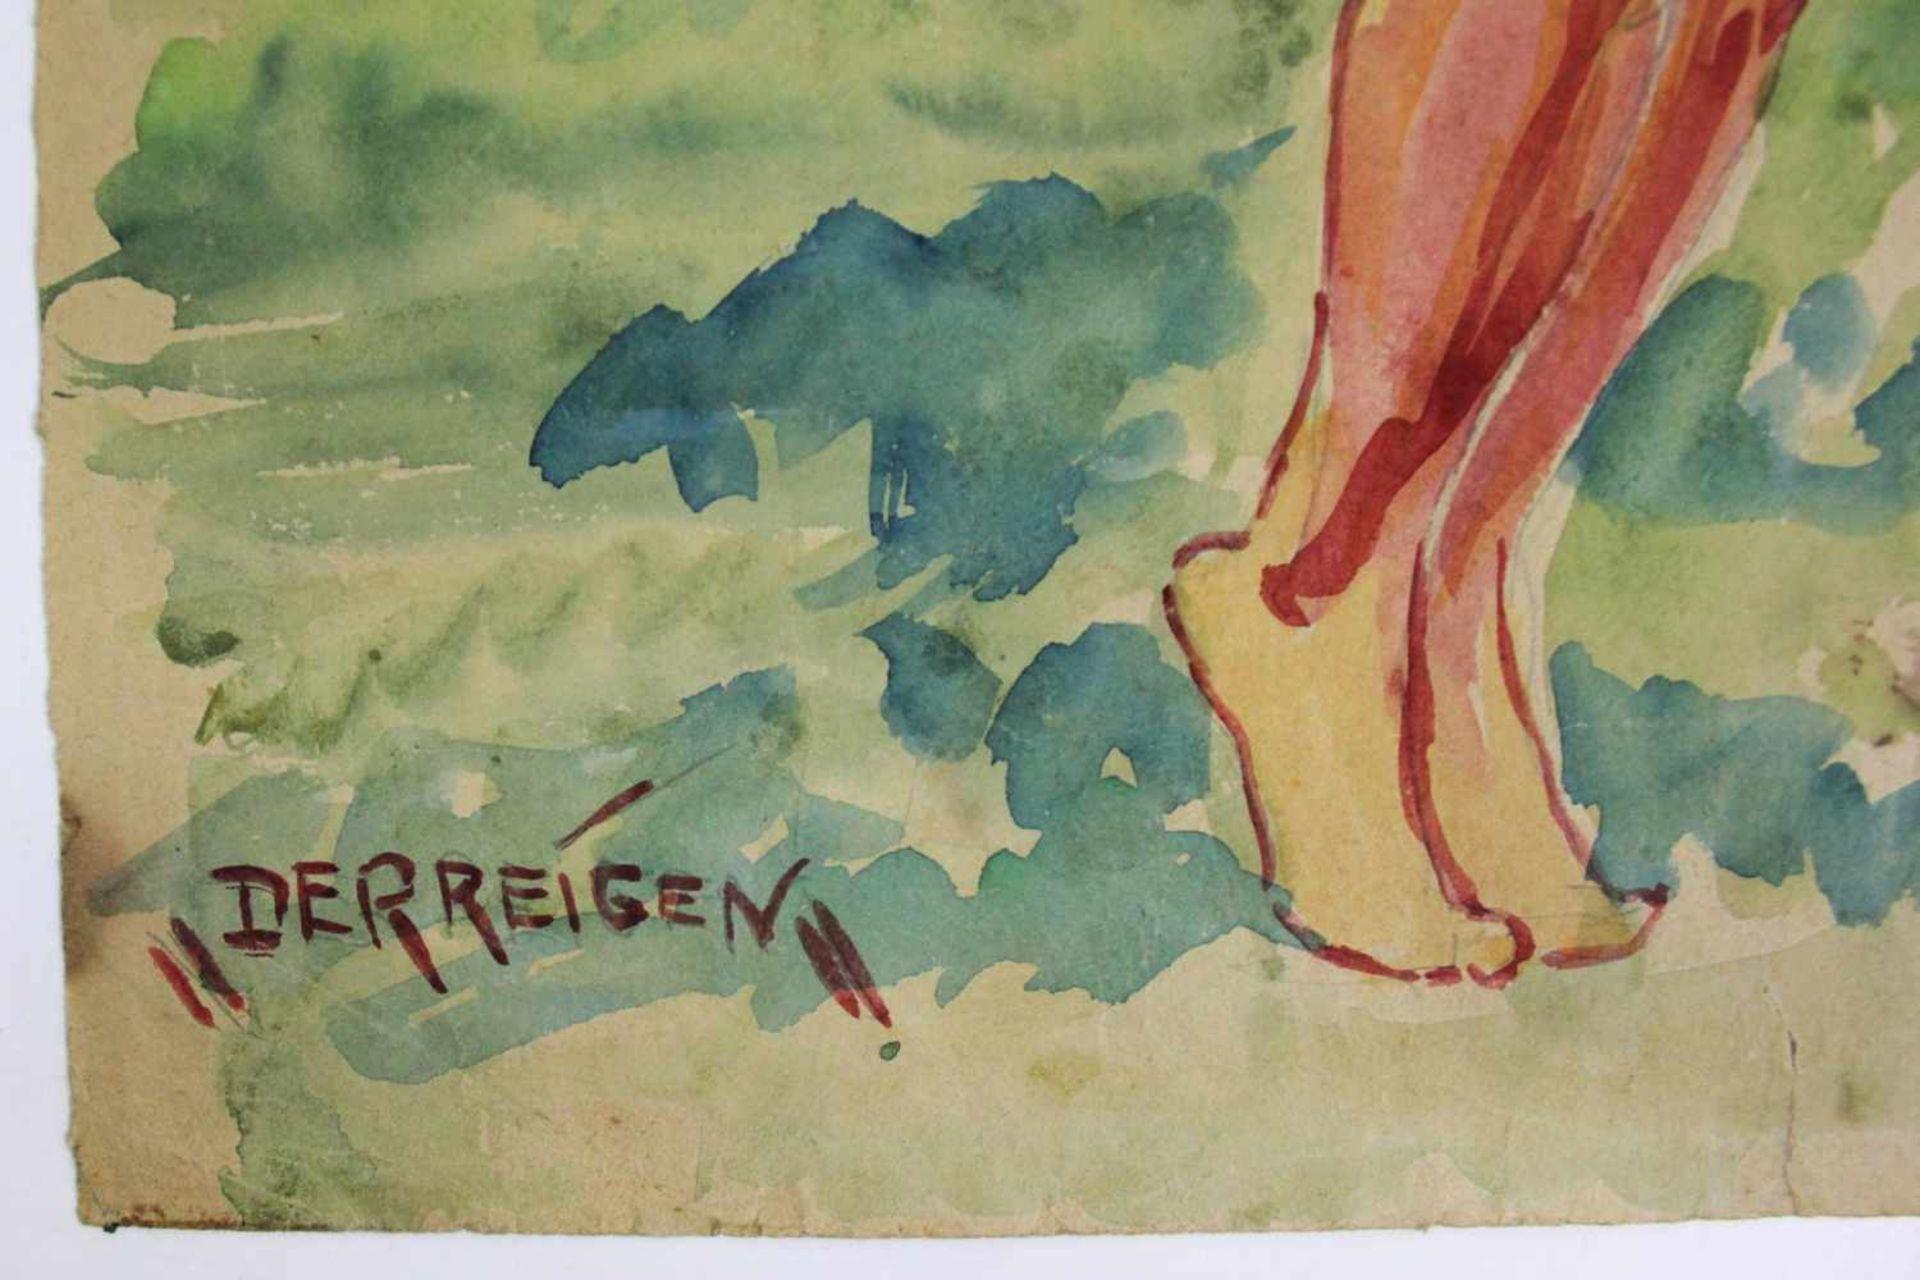 Karl Ottmar Kratochwill geb. 1910 Der Reigen 1932 Öl auf Papier handsigniert, datiert und betitelt - Bild 4 aus 5